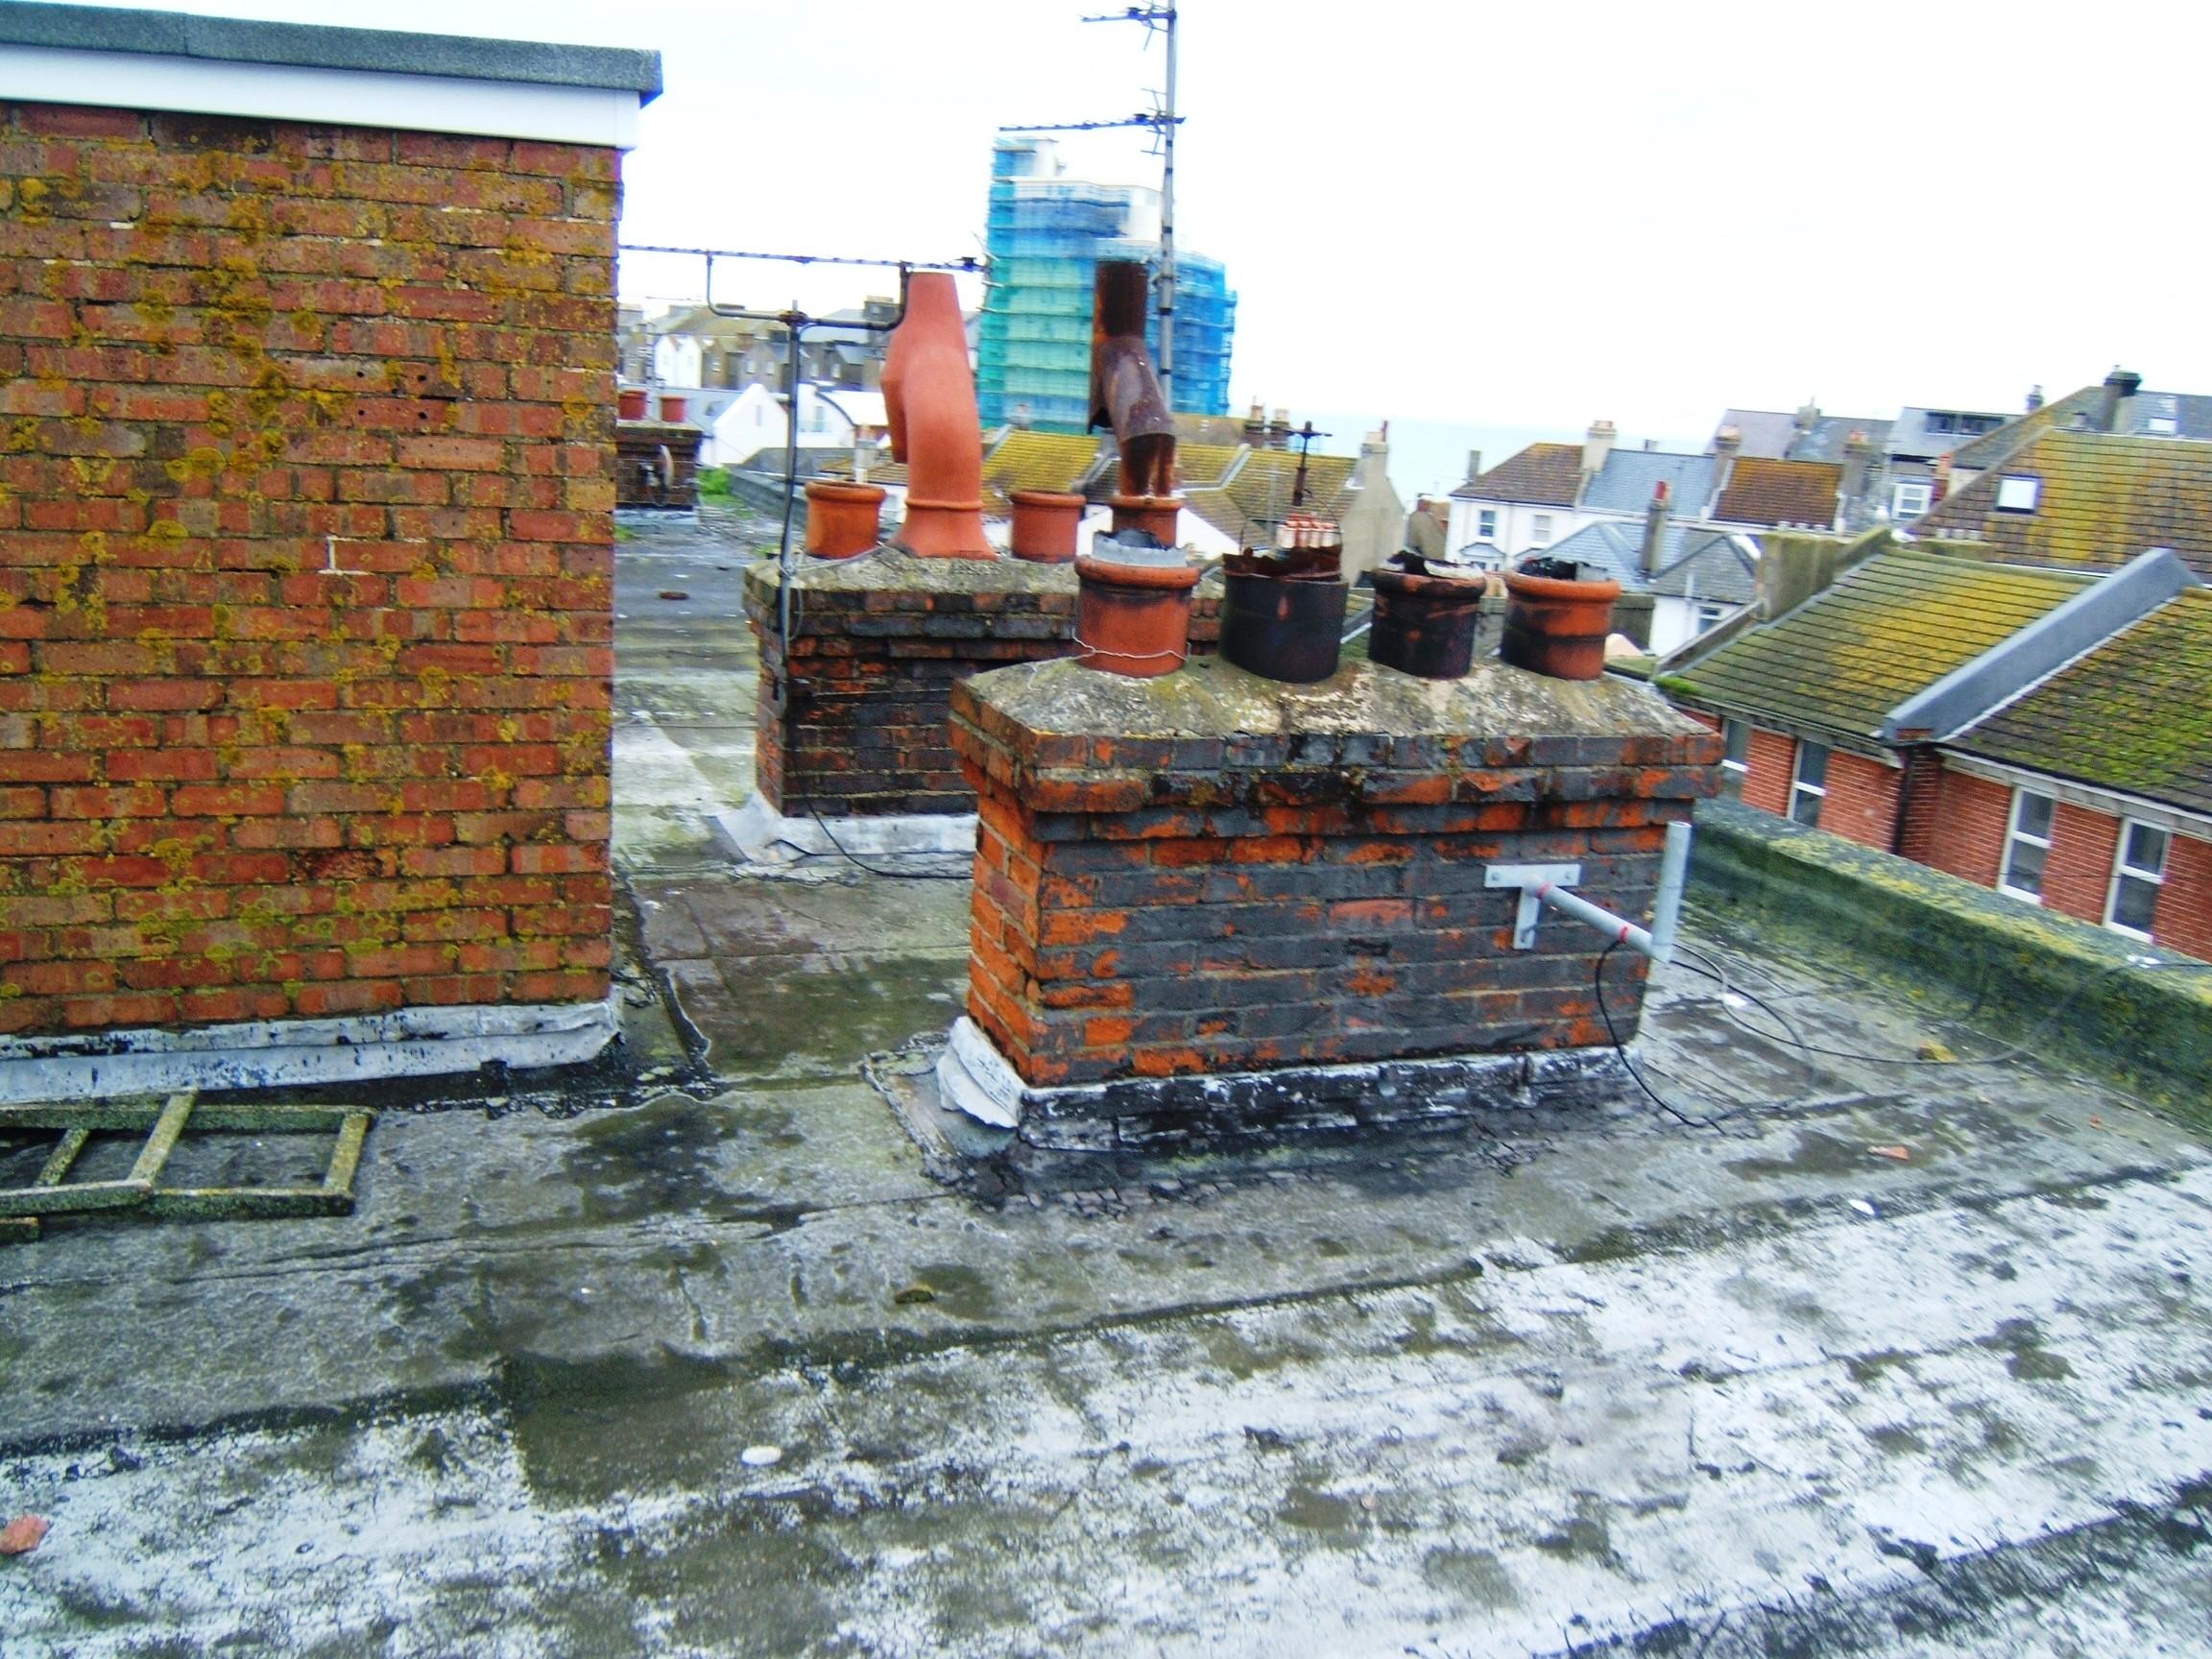 Open chimney pots causing water ingress